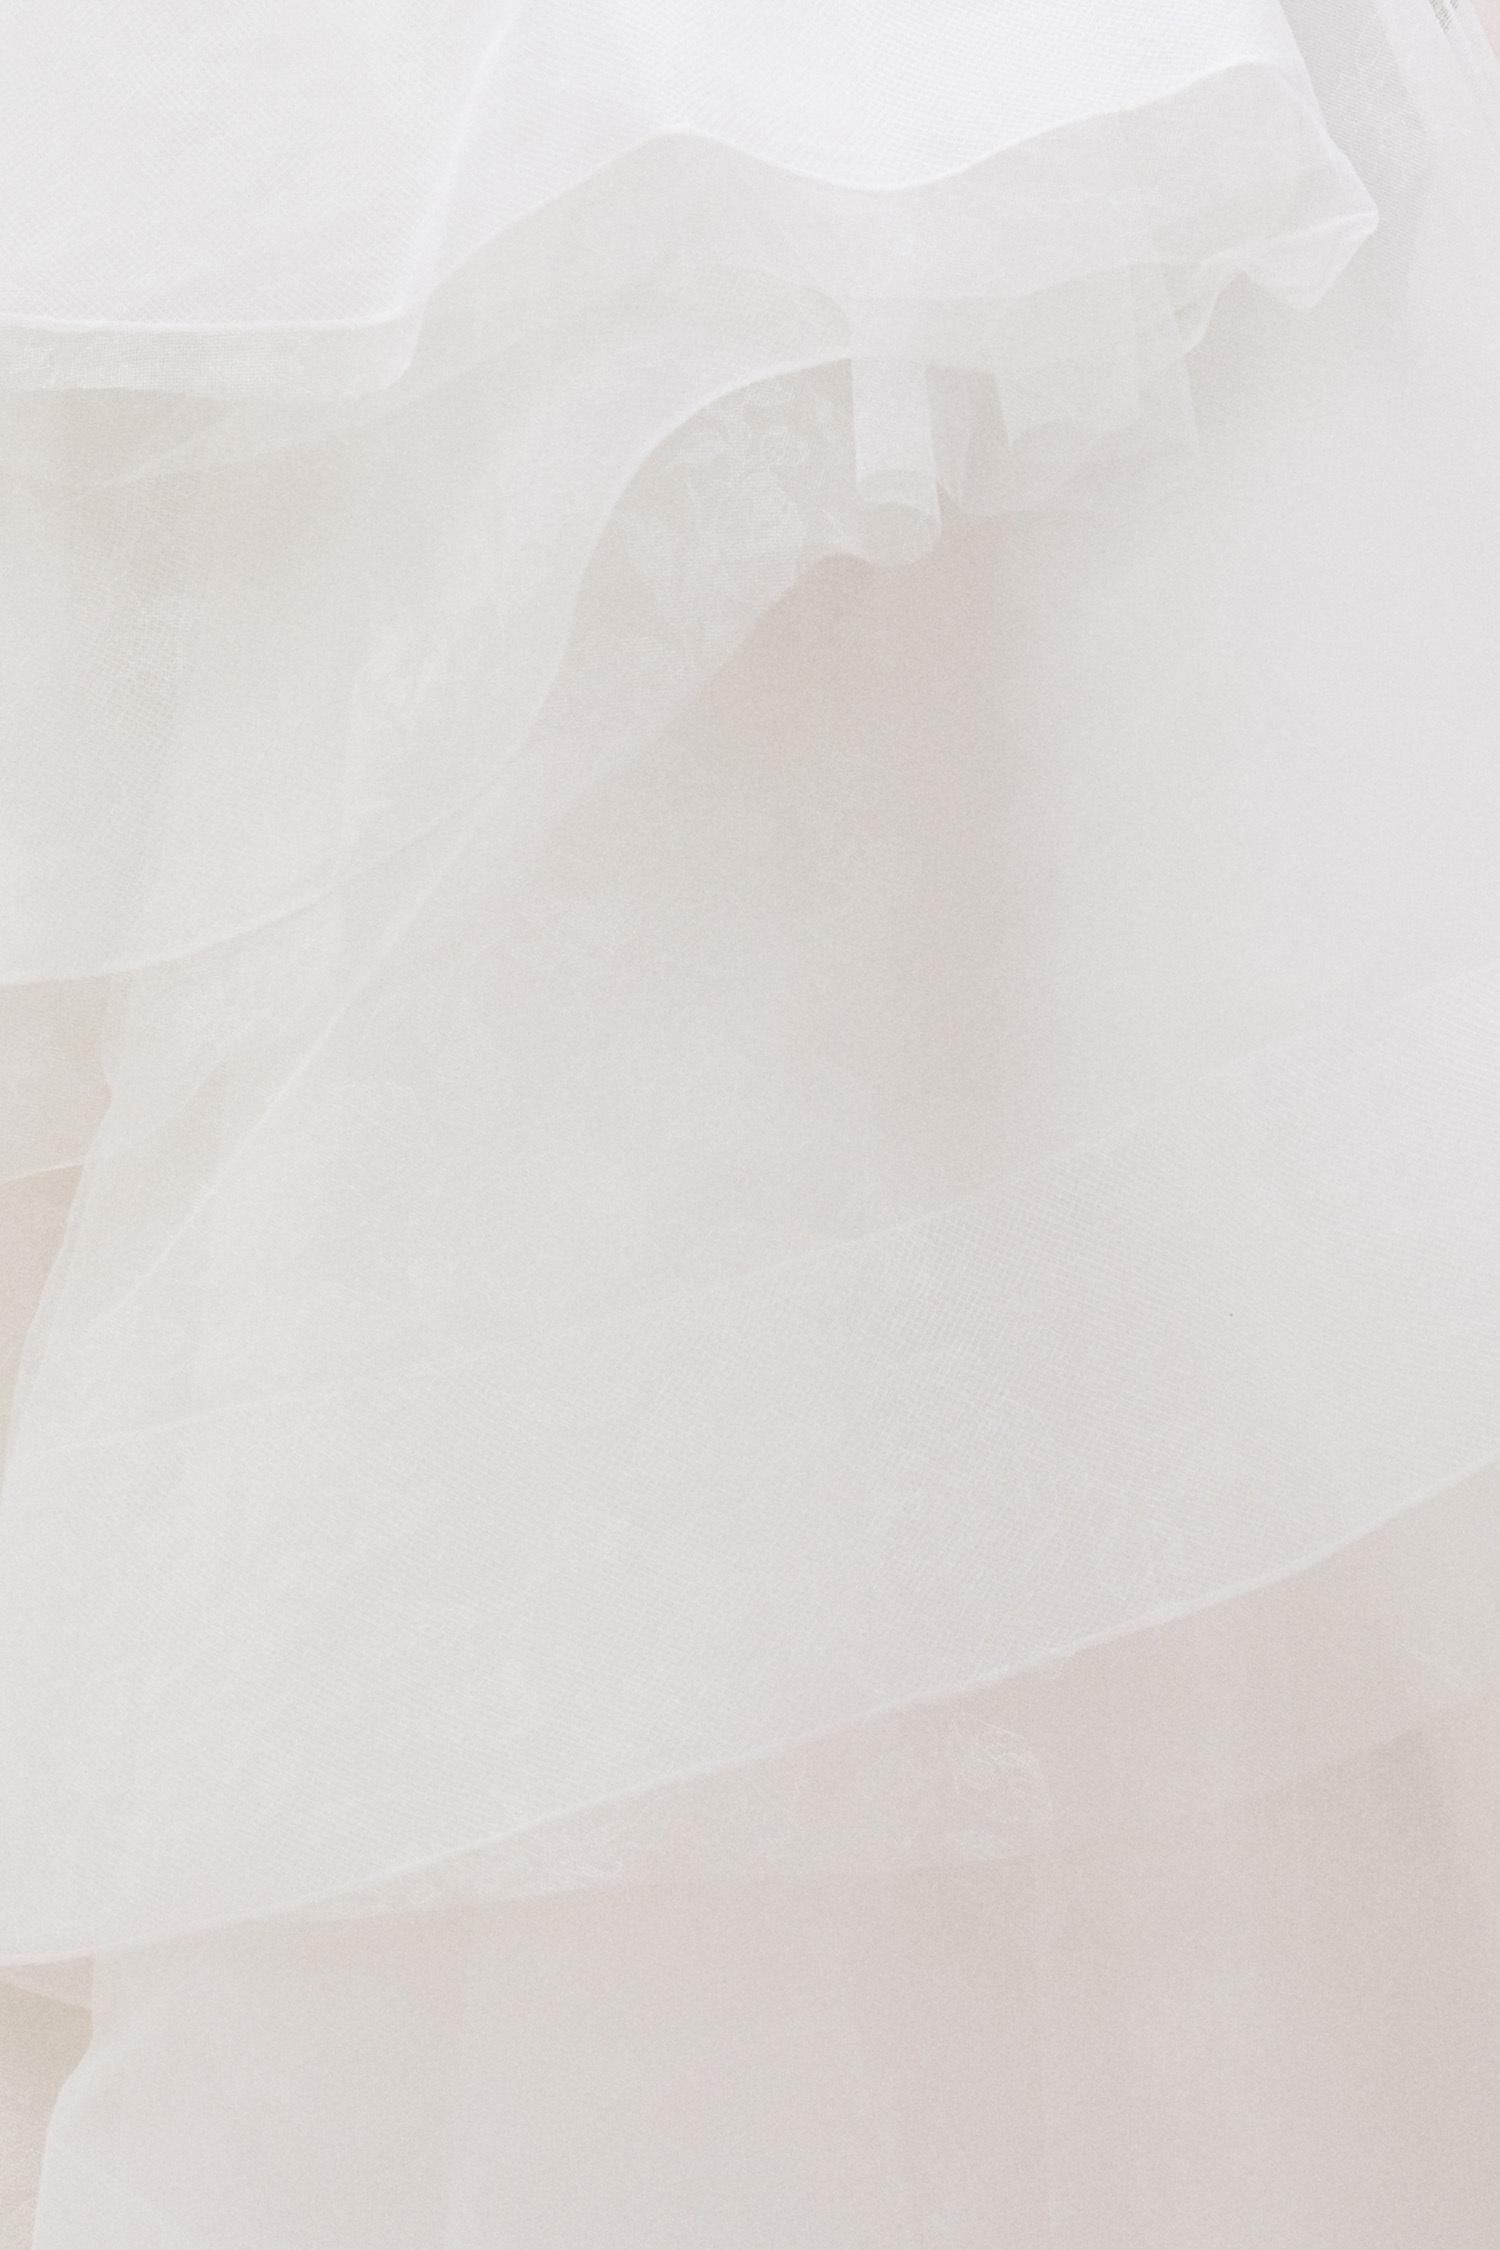 M Yaka Straplez Kat Kat Tül Etekli Gelinlik - Thumbnail